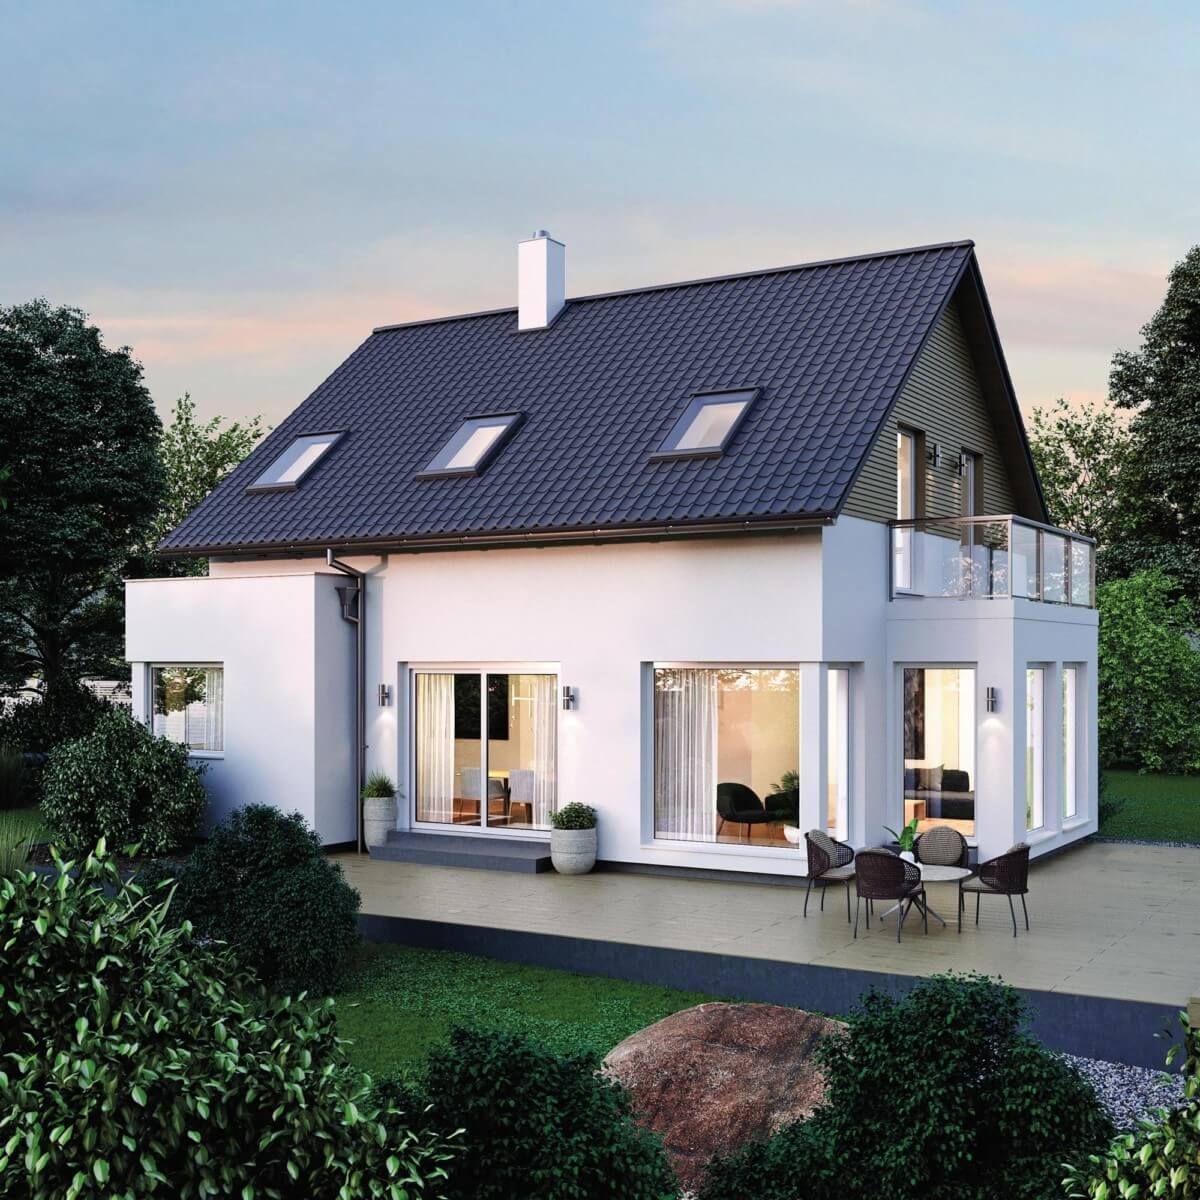 Modernes Einfamilienhaus Mit Erker Anbau Satteldach Architektur